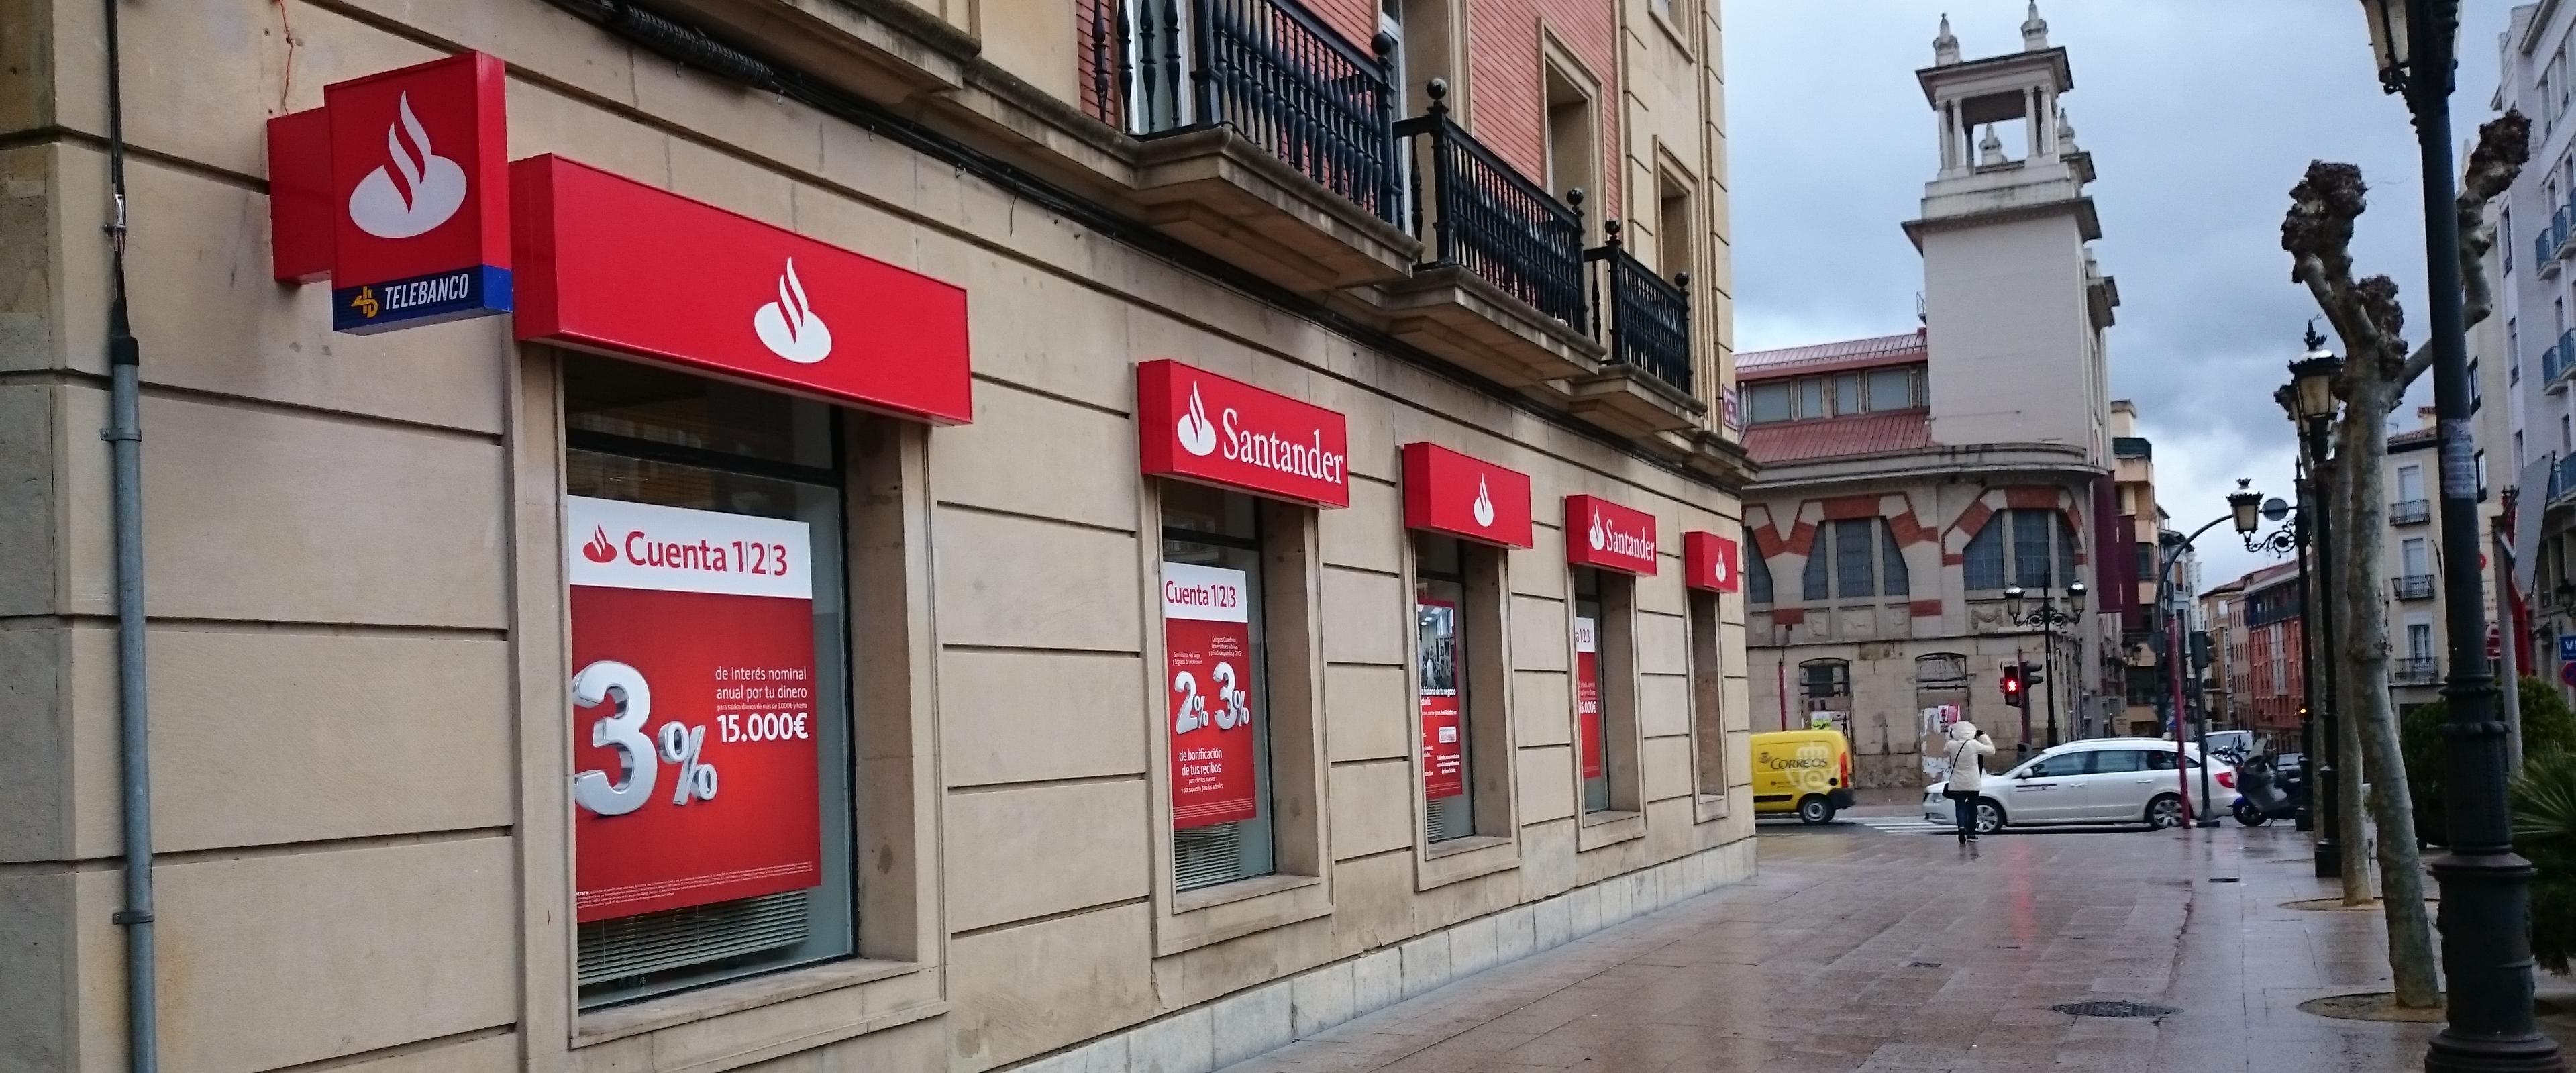 El banco santander cerrar 450 oficinas a lo largo de este for Banco santander oficinas